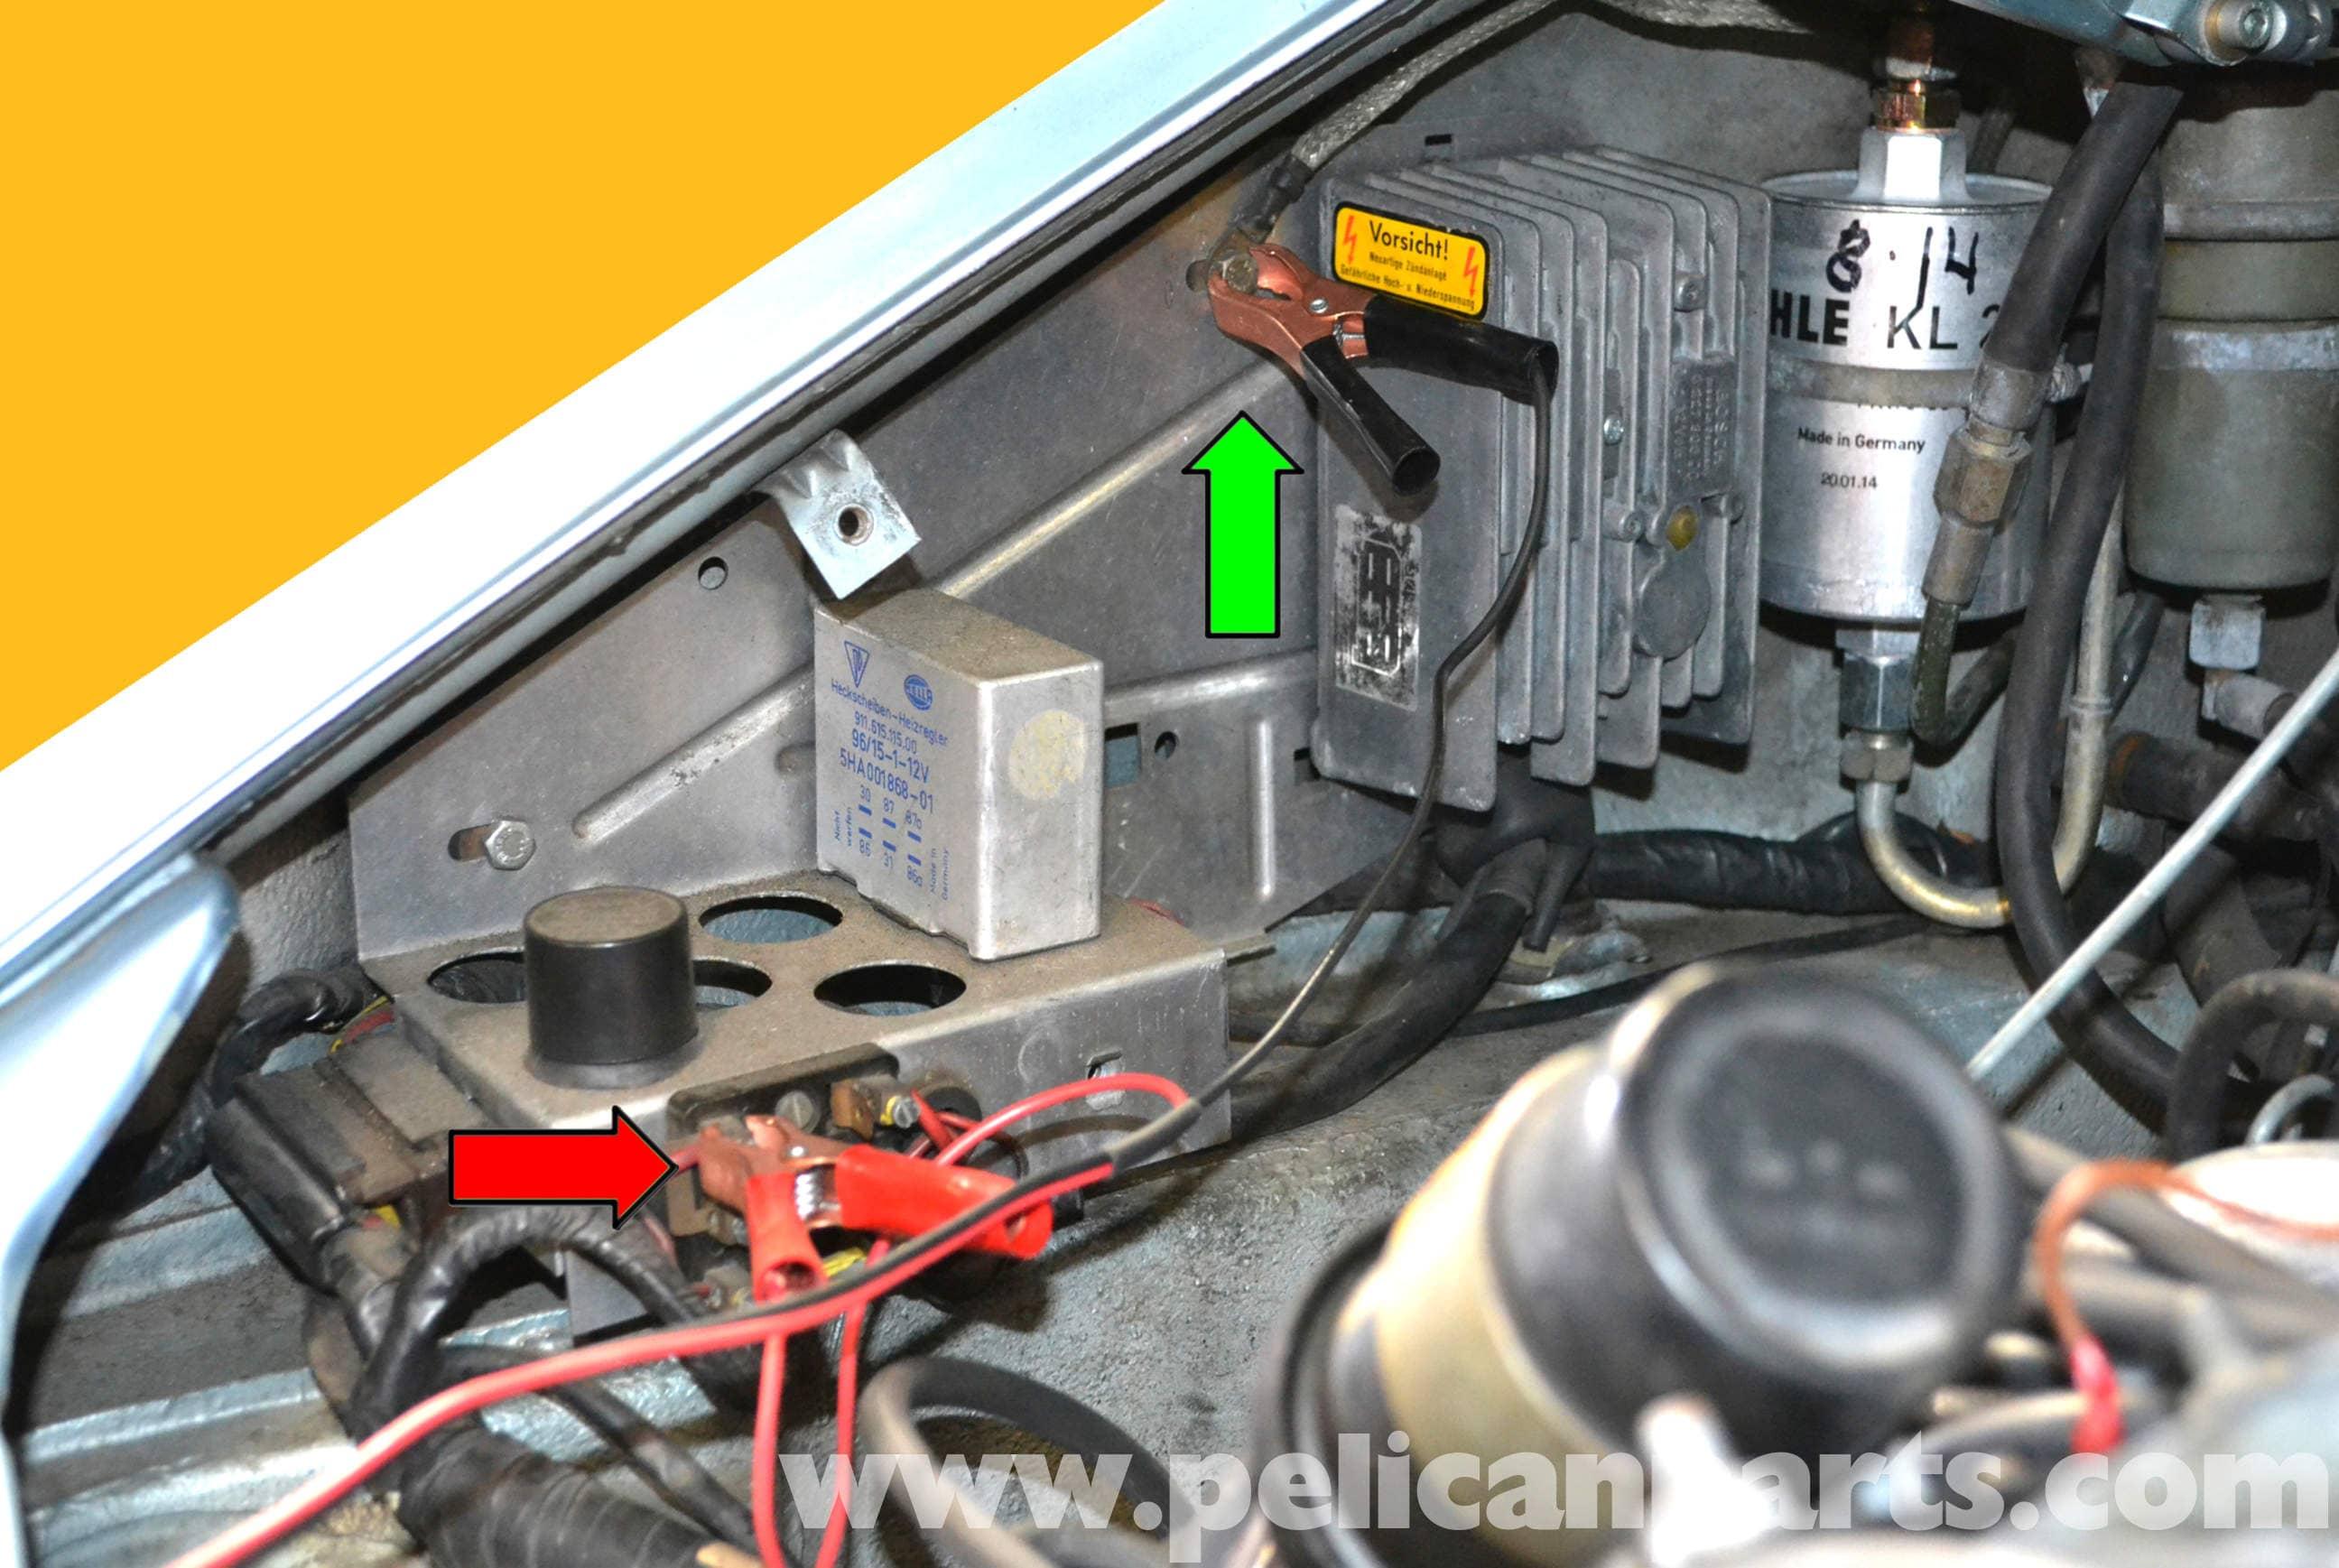 Porsche 911 Vacuum Leak Test | 911 (1965-89) - 930 Turbo (1975-89